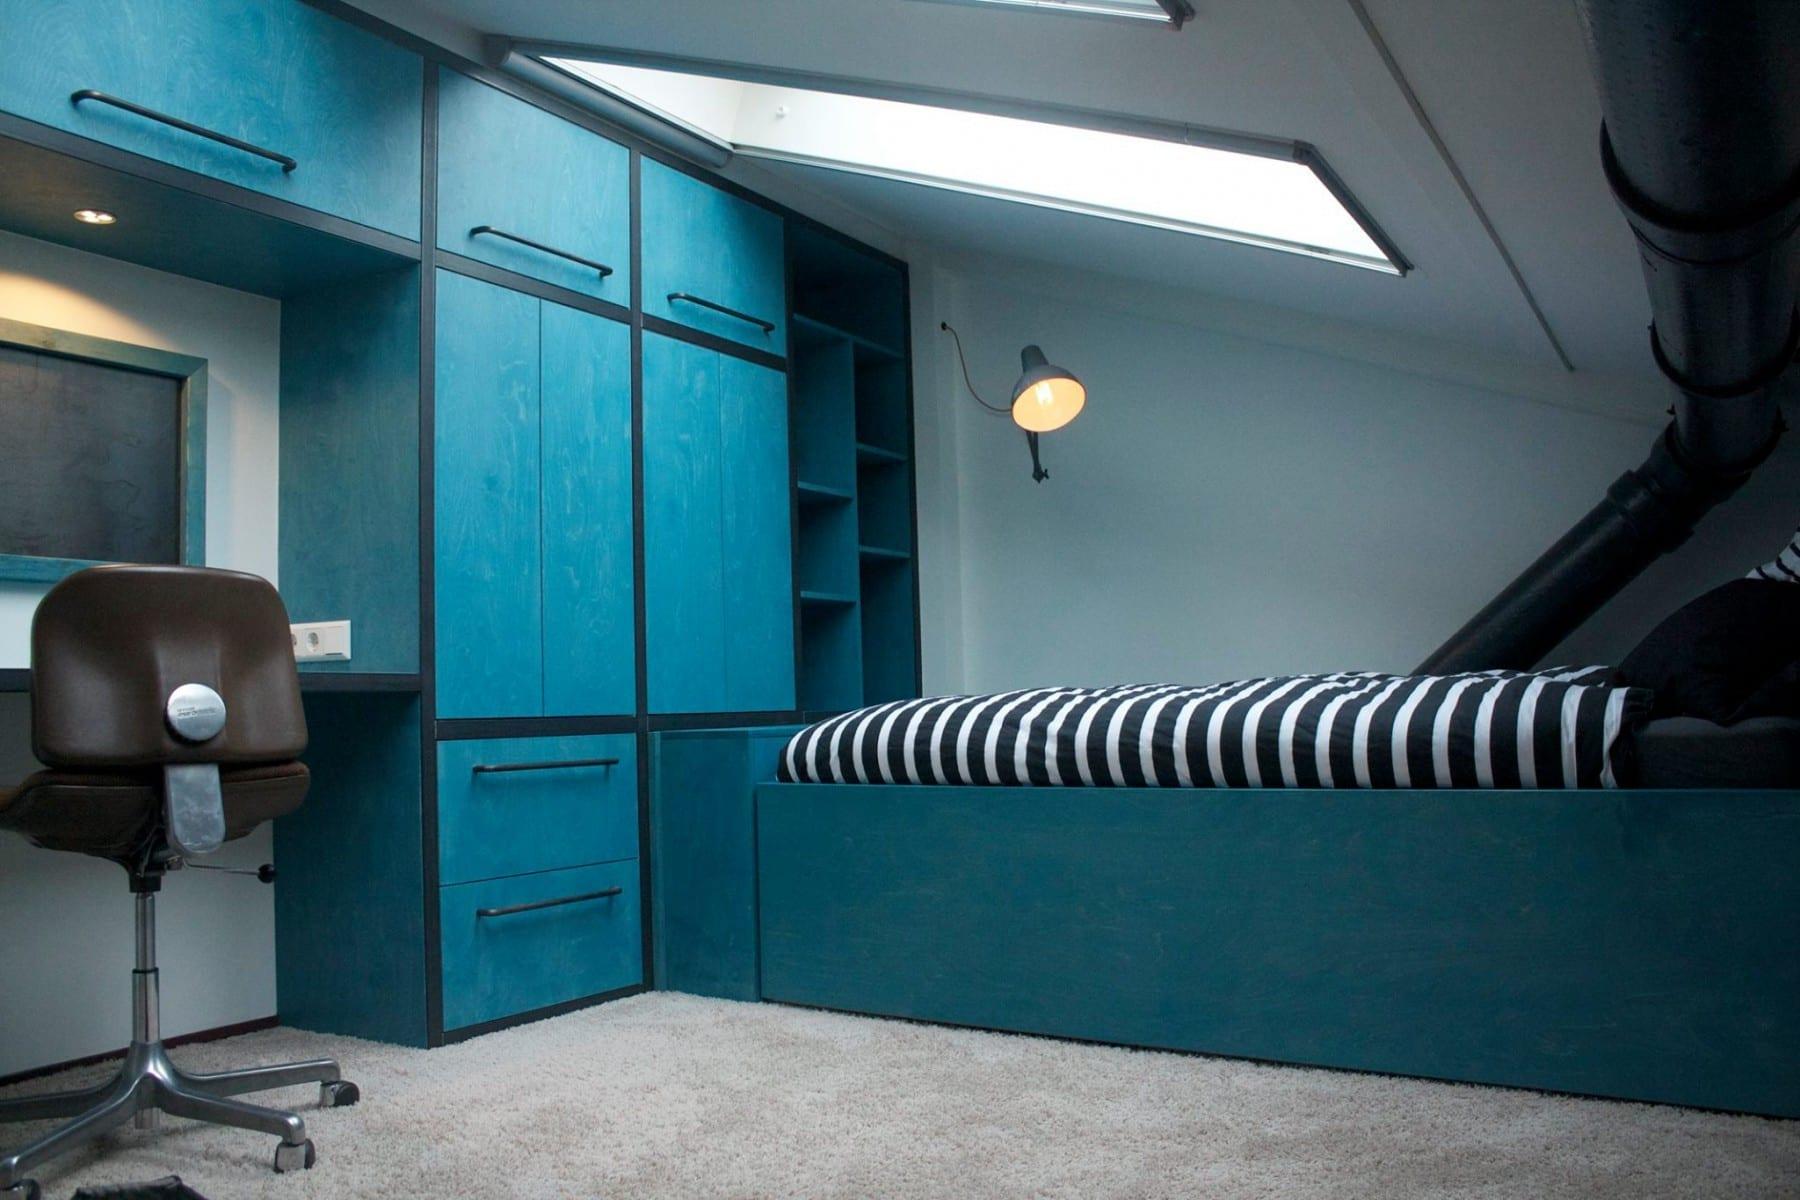 Keukenkast industrieel ontwerp - Deco keuken ontwerp ...